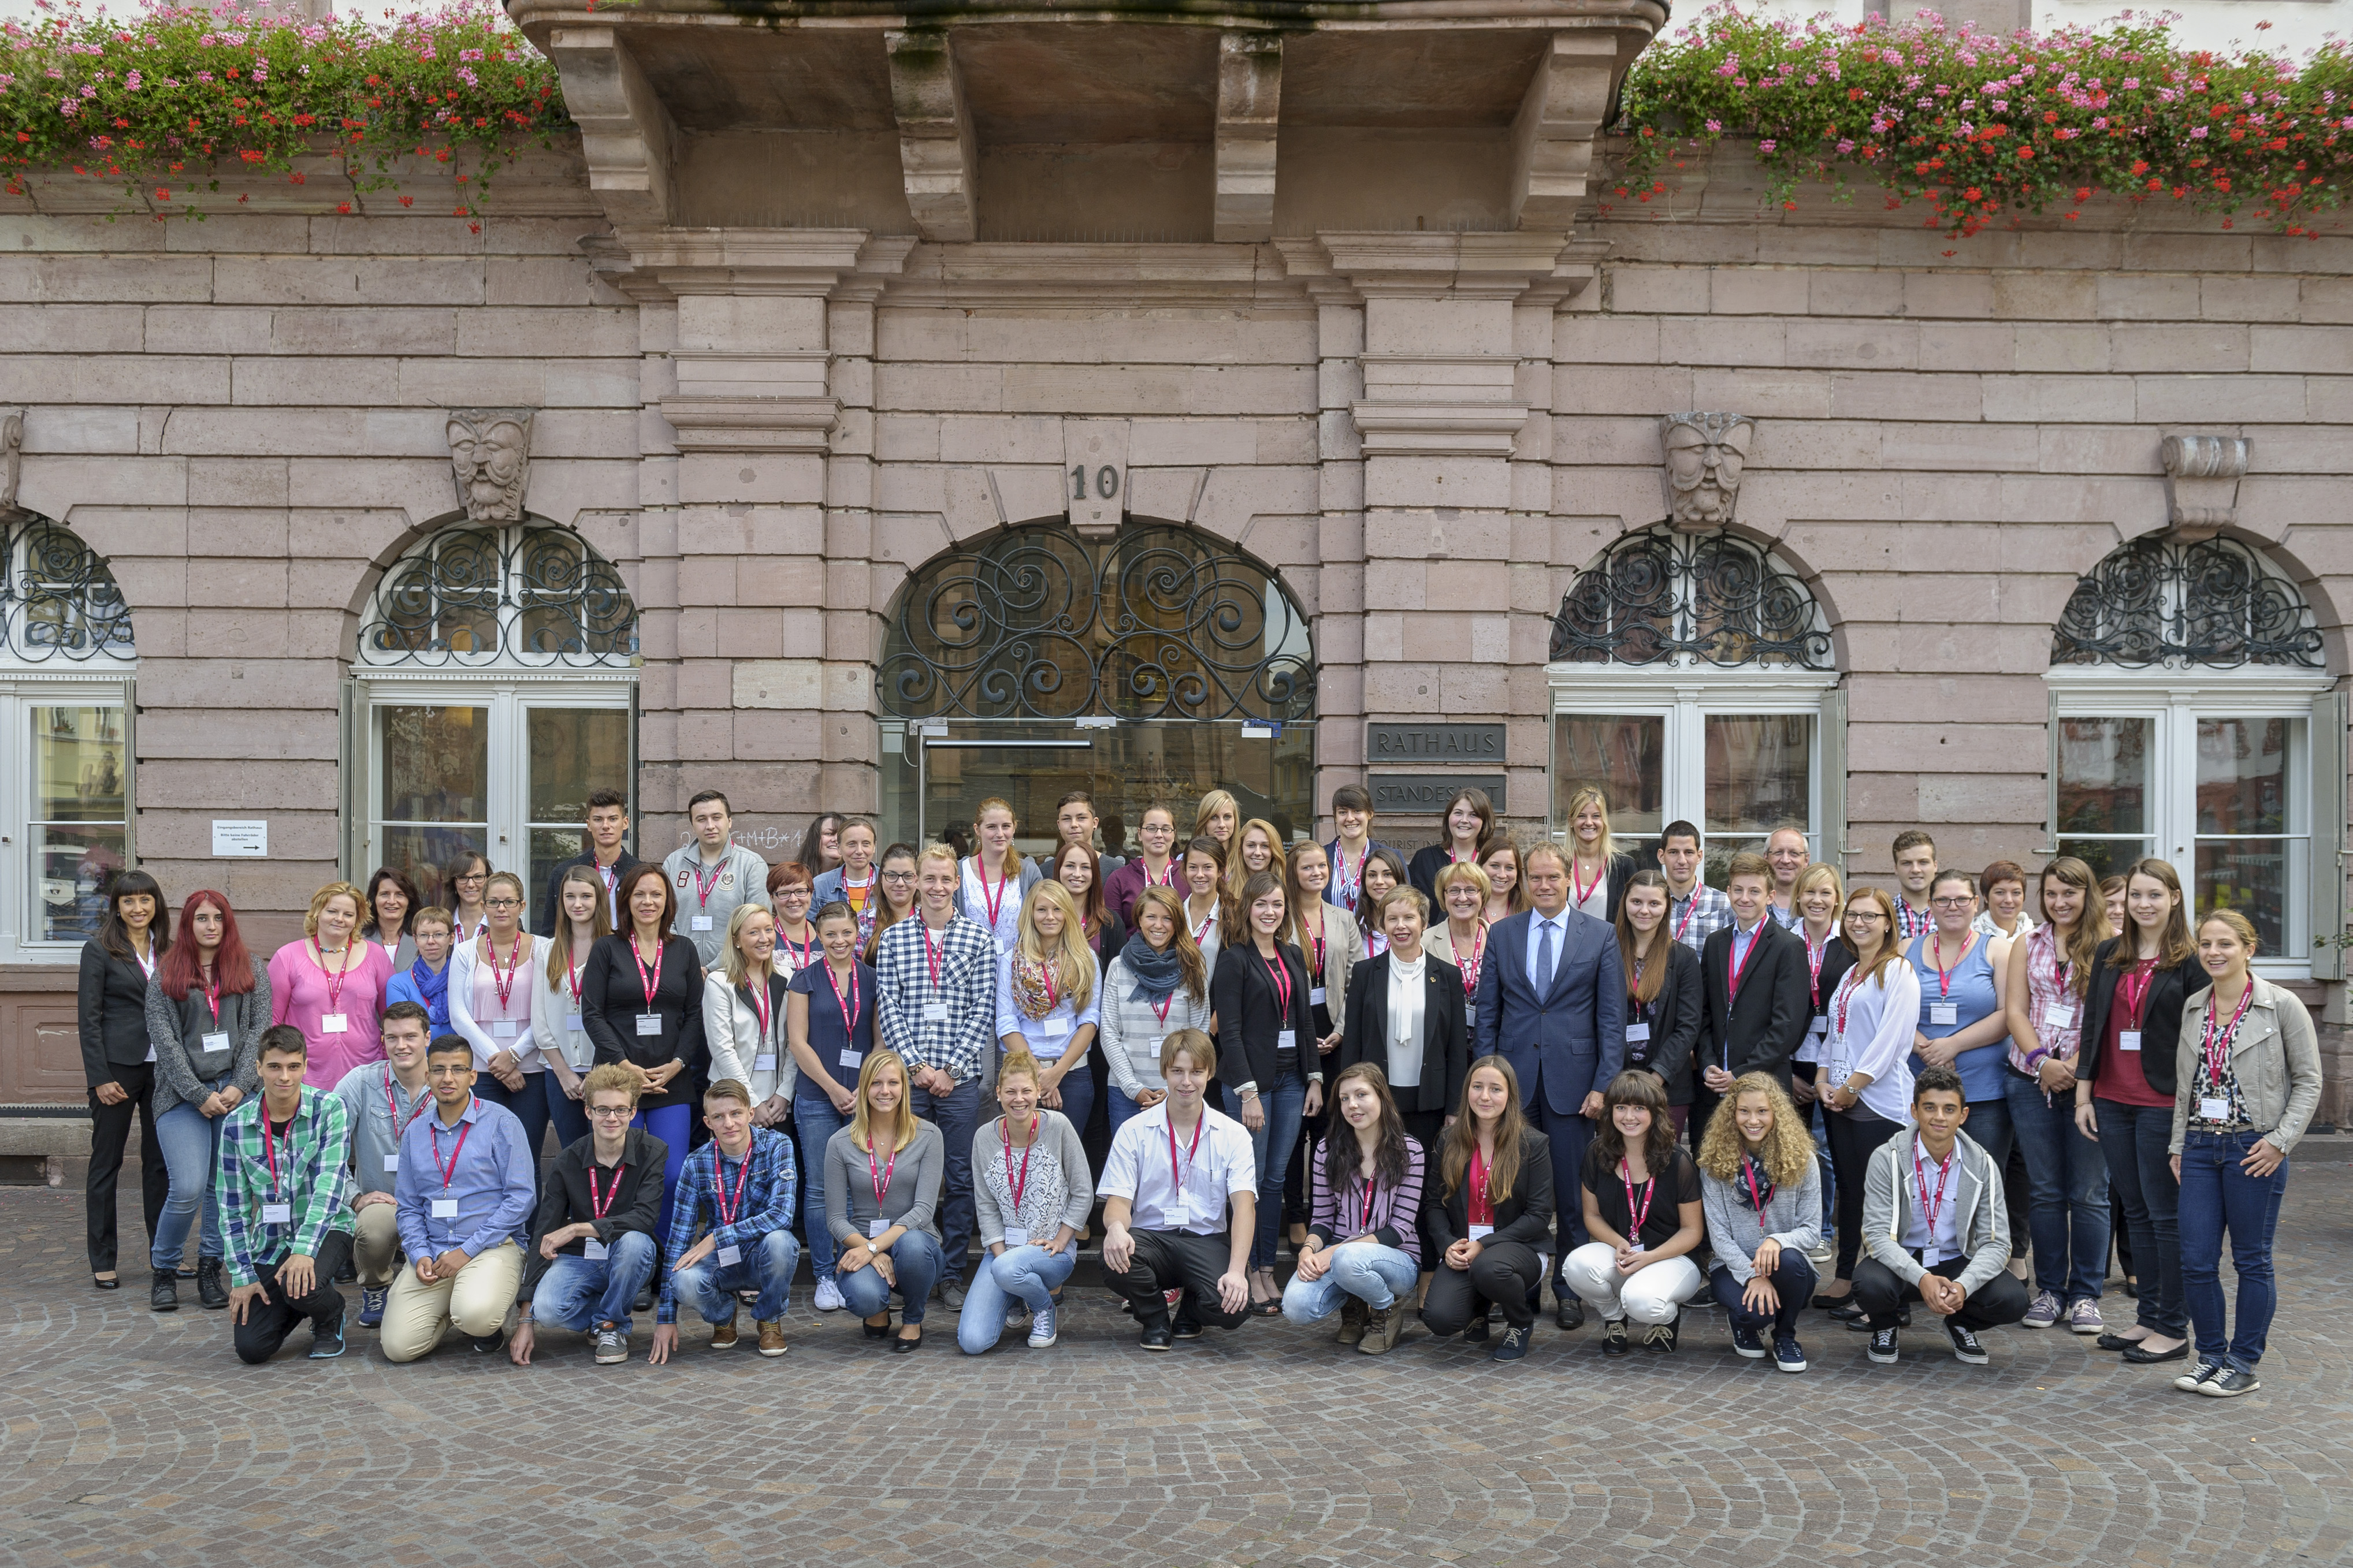 Stadtverwaltung Heidelberg begrüßt neue Auszubildende. Foto: Philipp Rothe